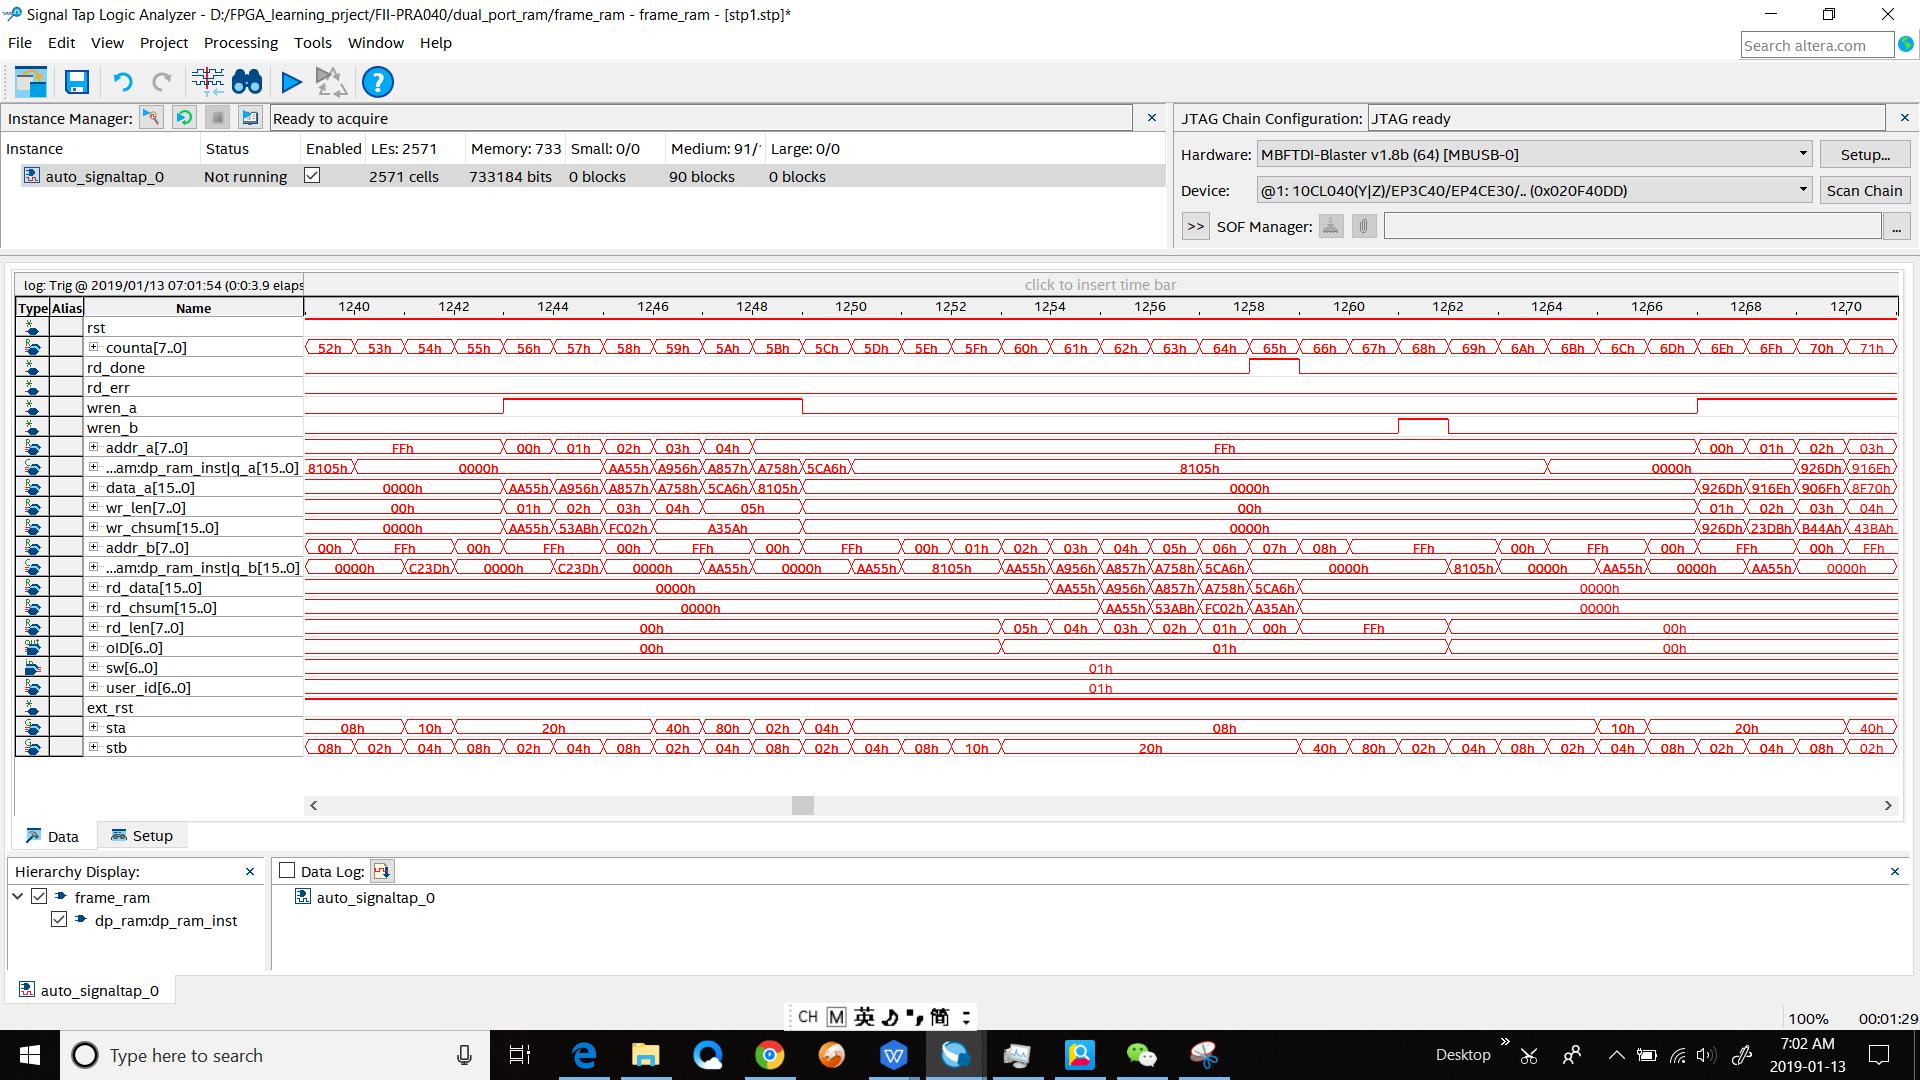 SignalTap II simulation